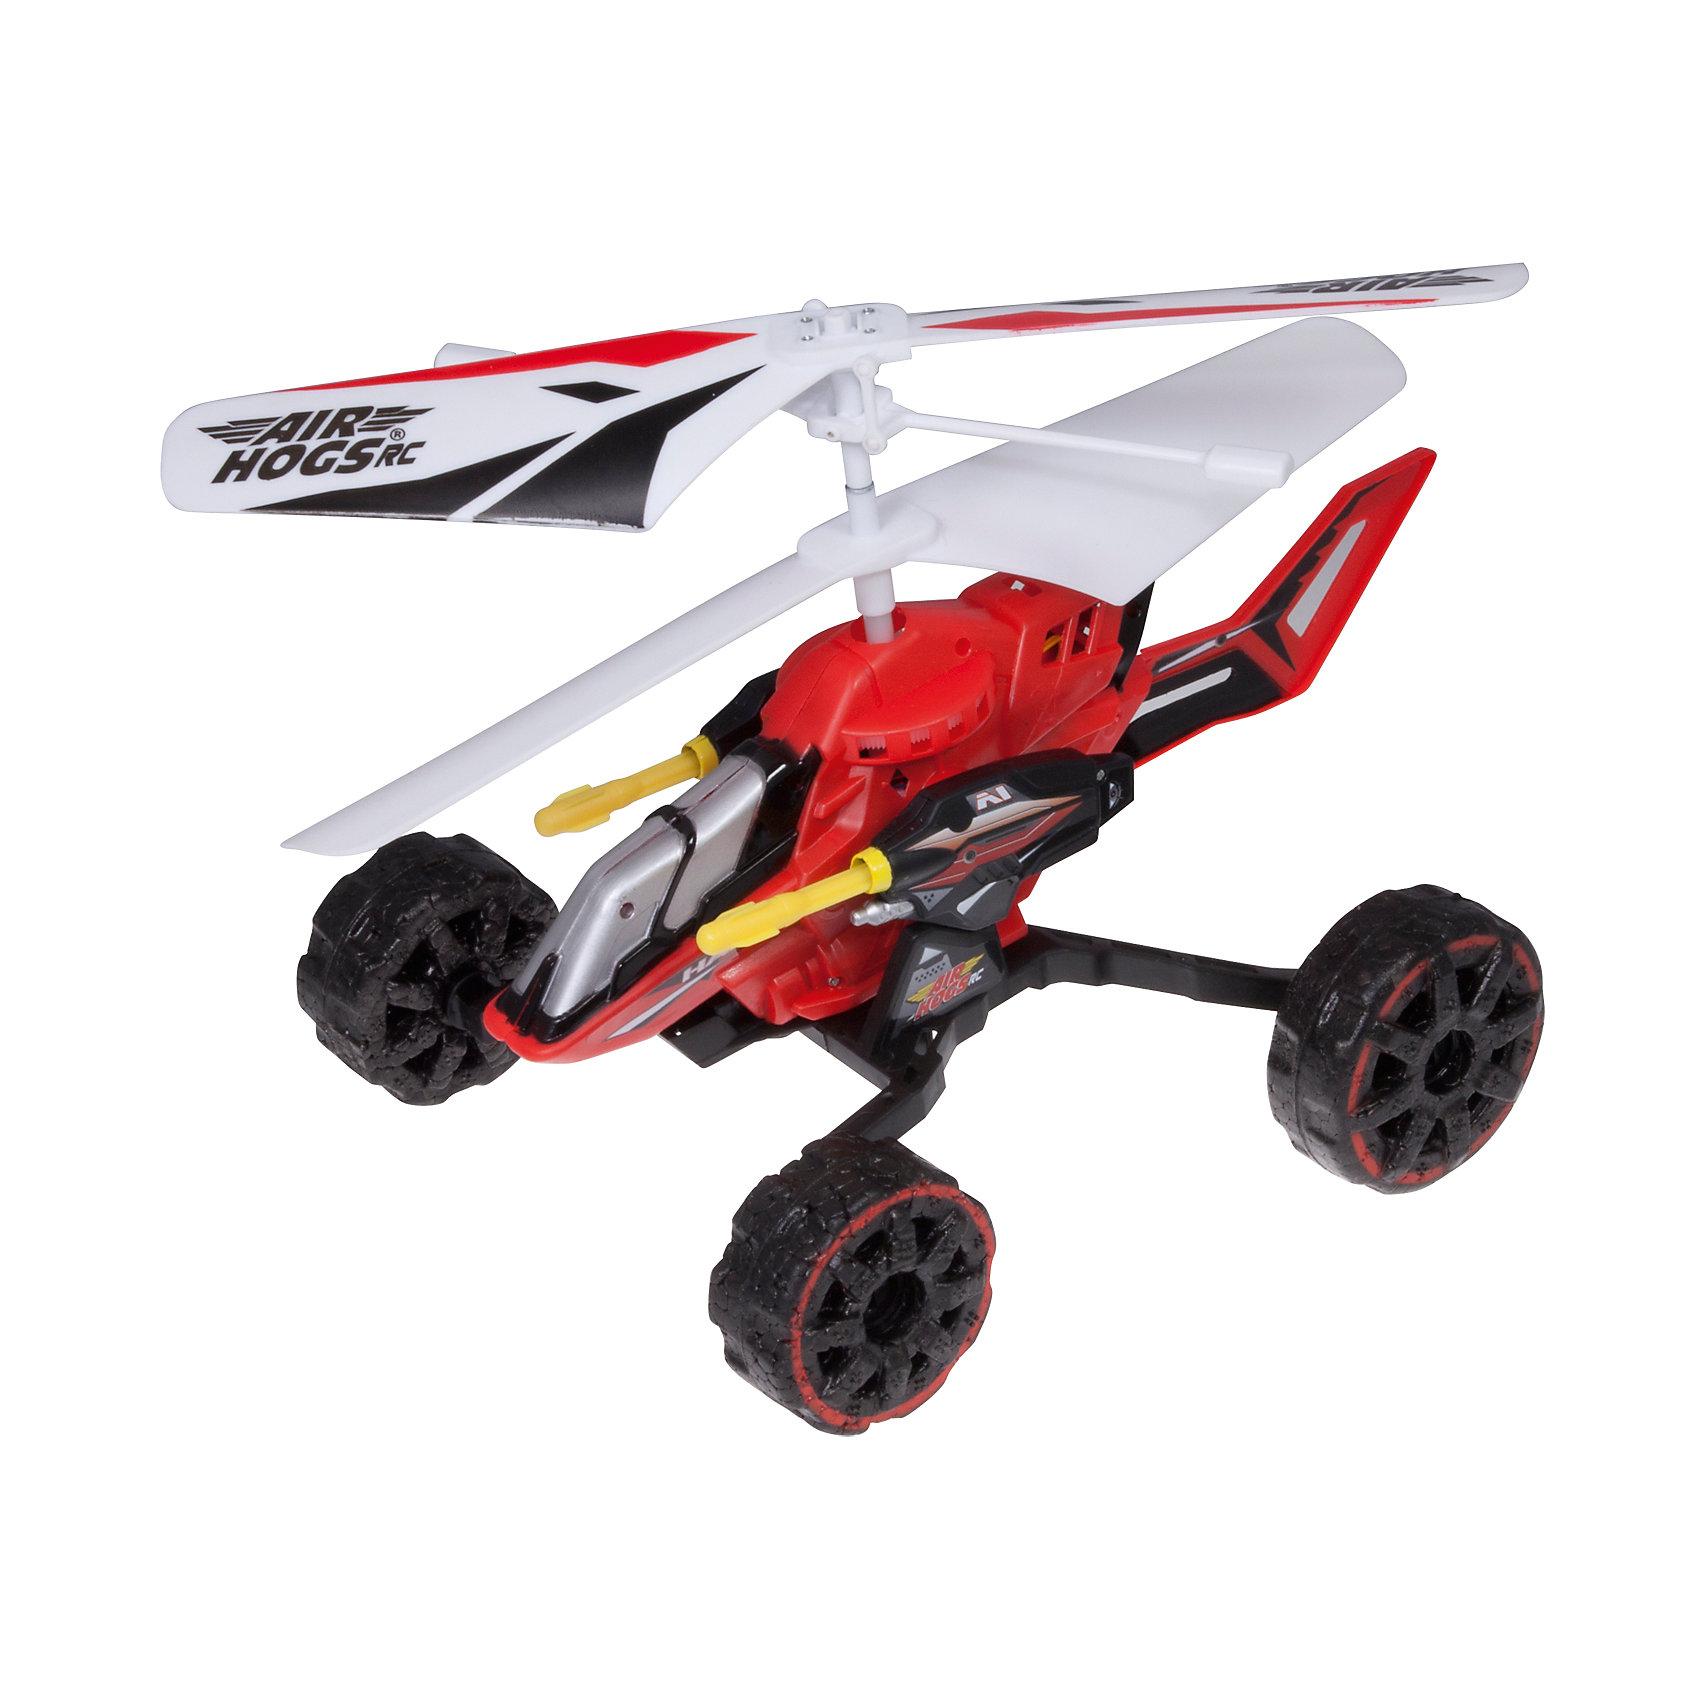 Spin Master Машина - вертолет AIR HOGS, 44404/Красный купить вертолет на пульте управления в костроме